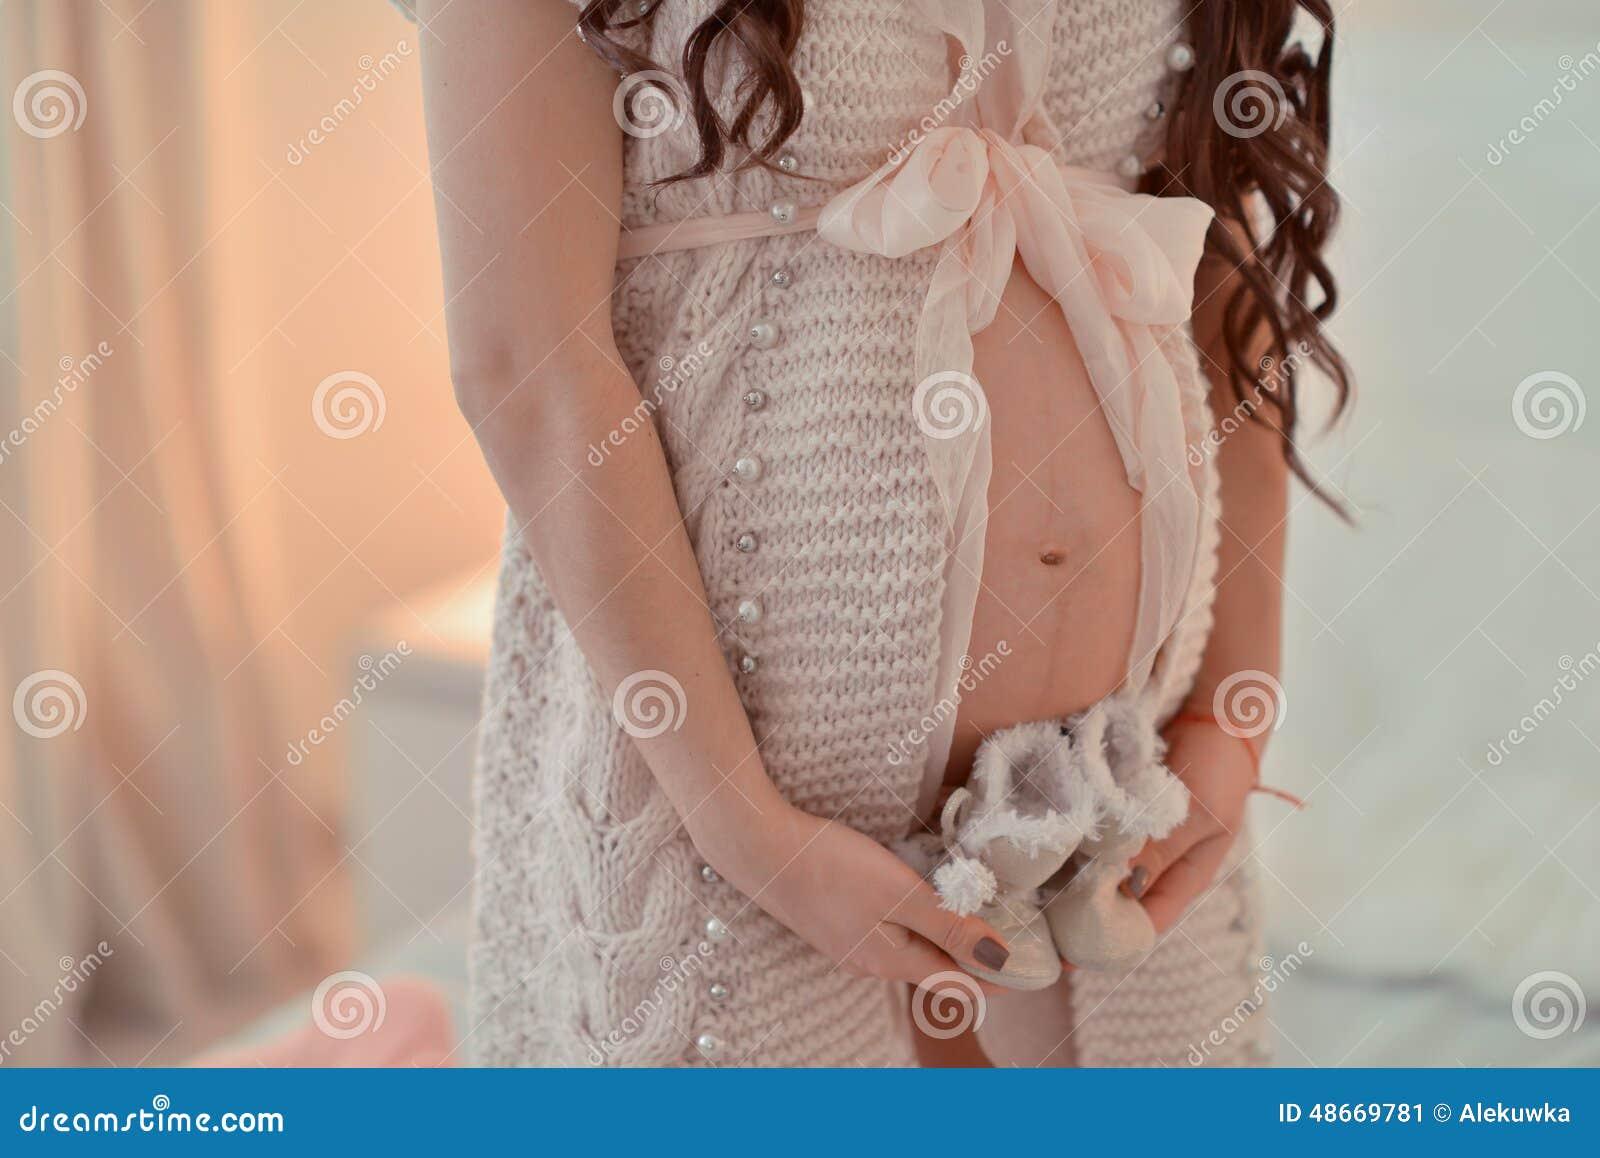 Vientre de la mujer embarazada